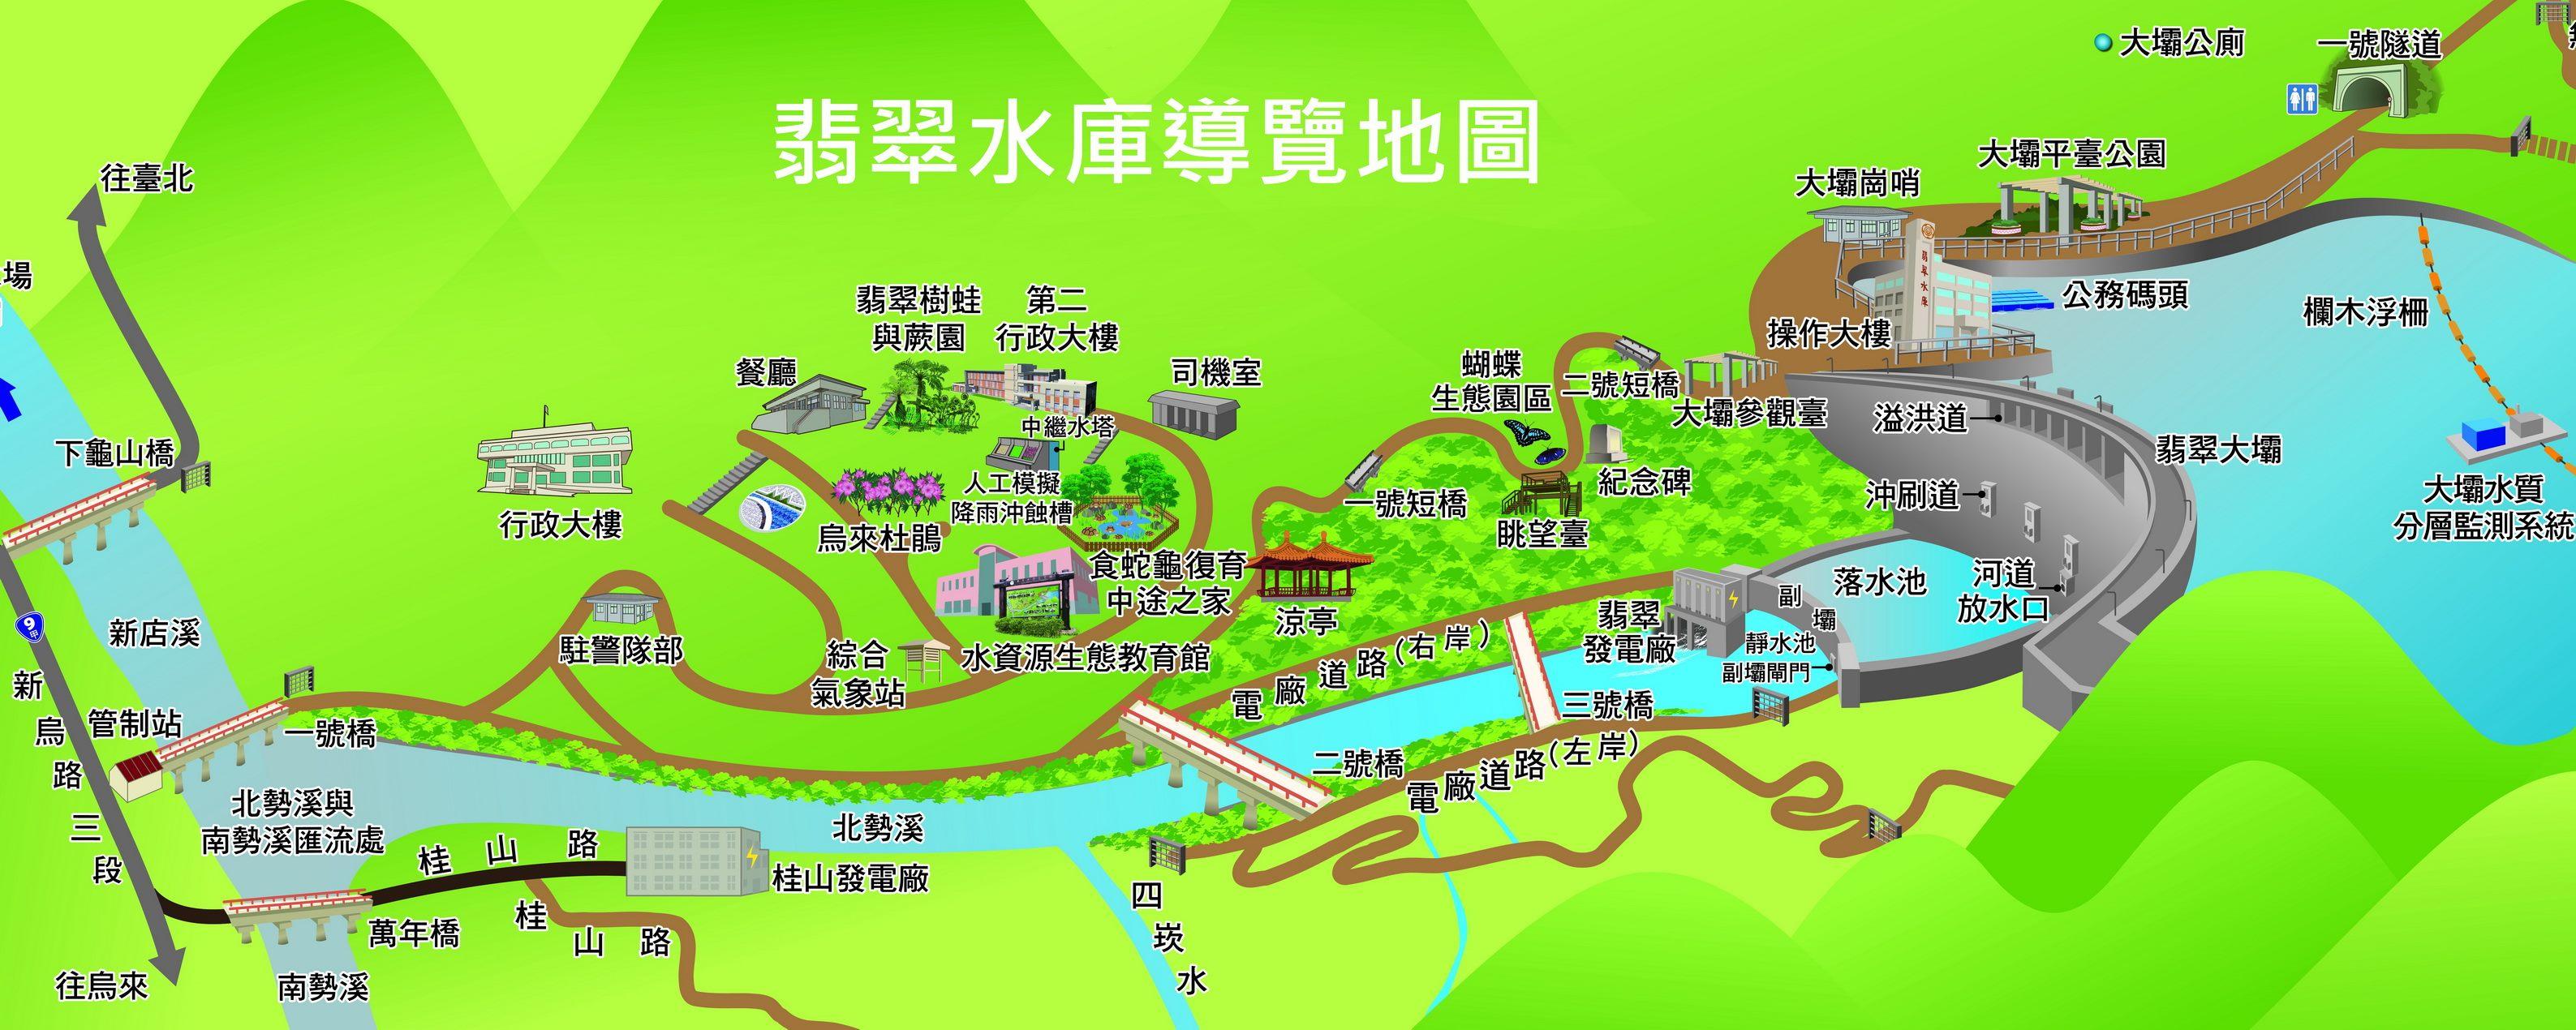 翡翠水庫導覽地圖